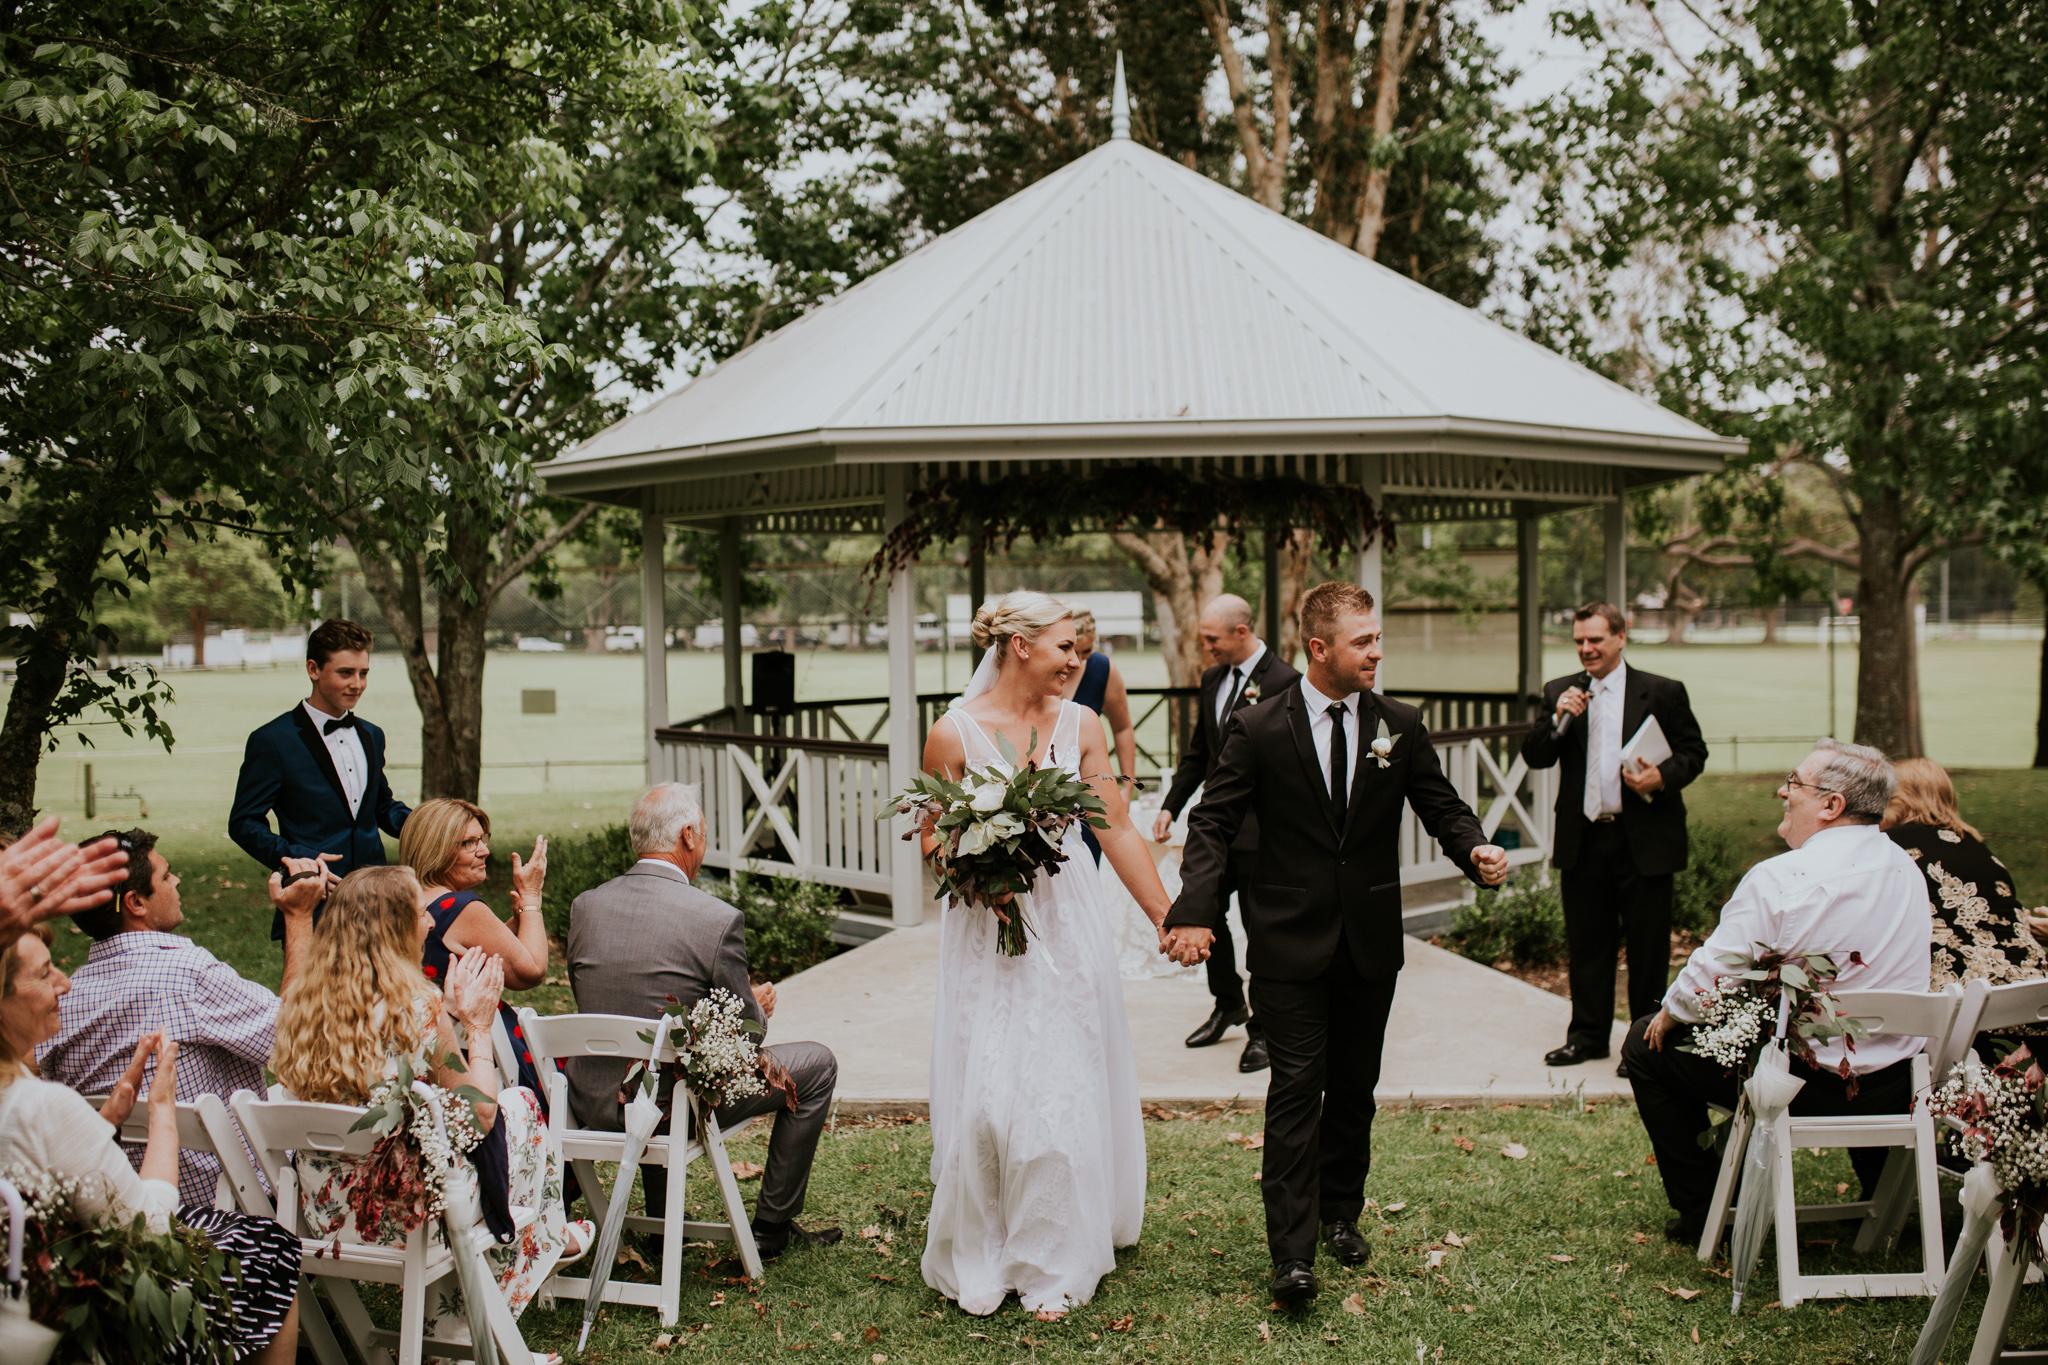 Lucy+Kyle+Kiama+Sebel+wedding-80.jpg